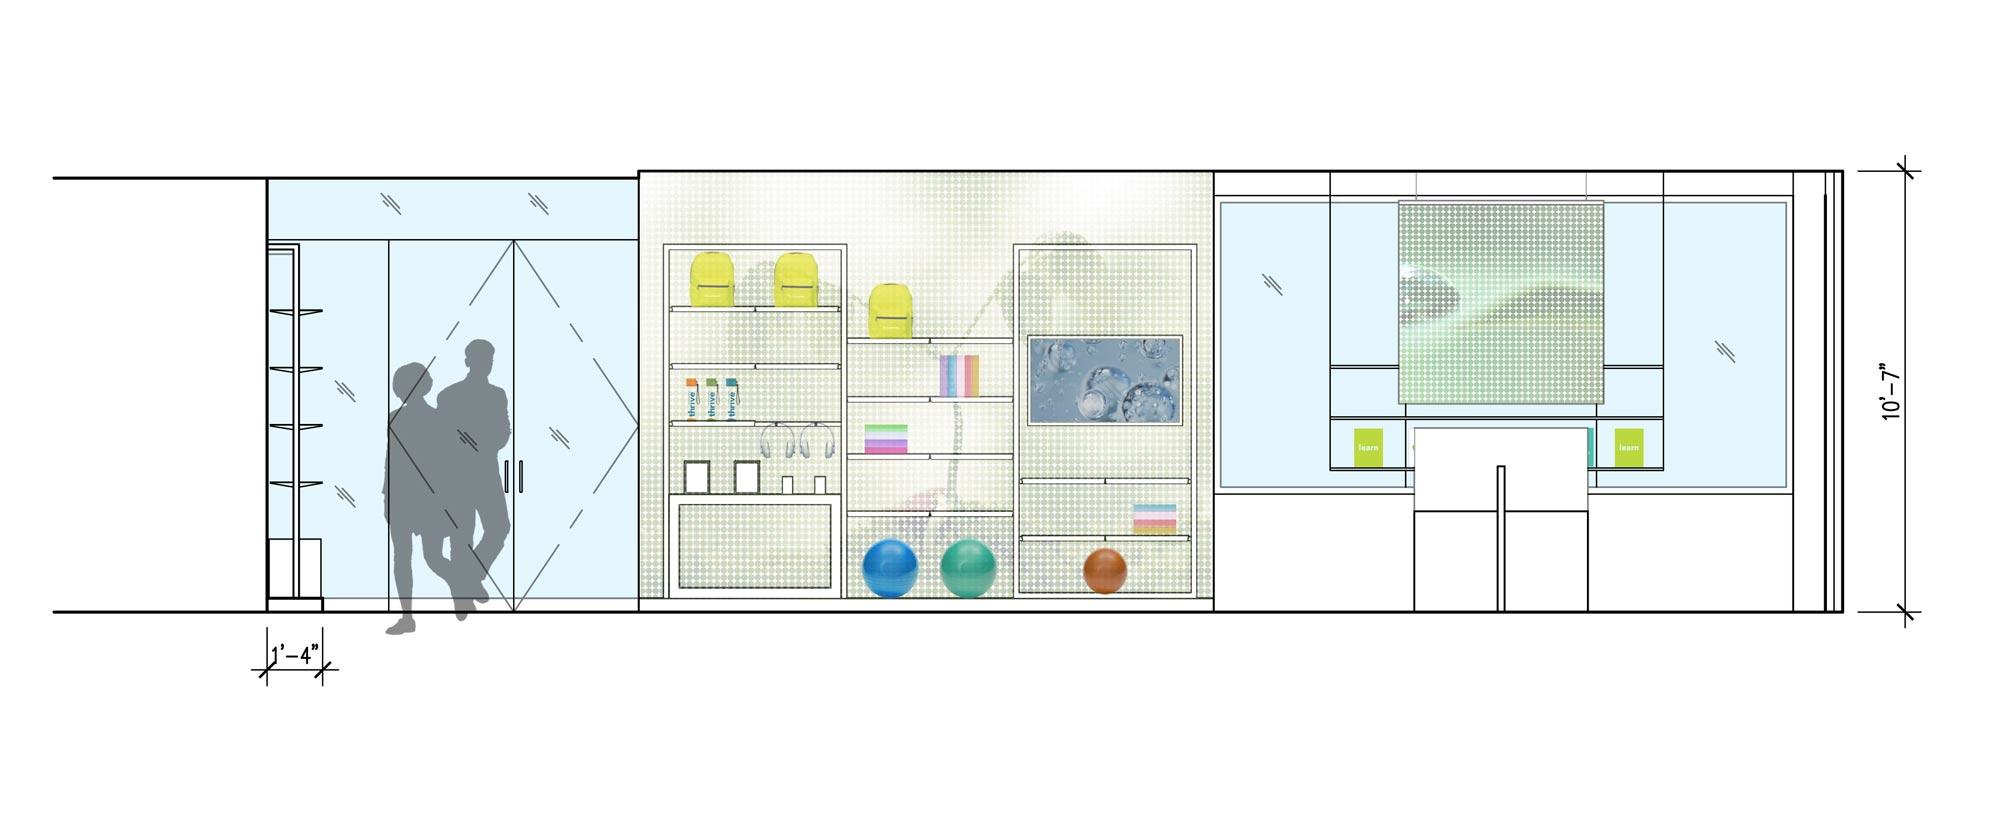 tsao-kp-tech-healthy-living-retail-elev-04.jpg